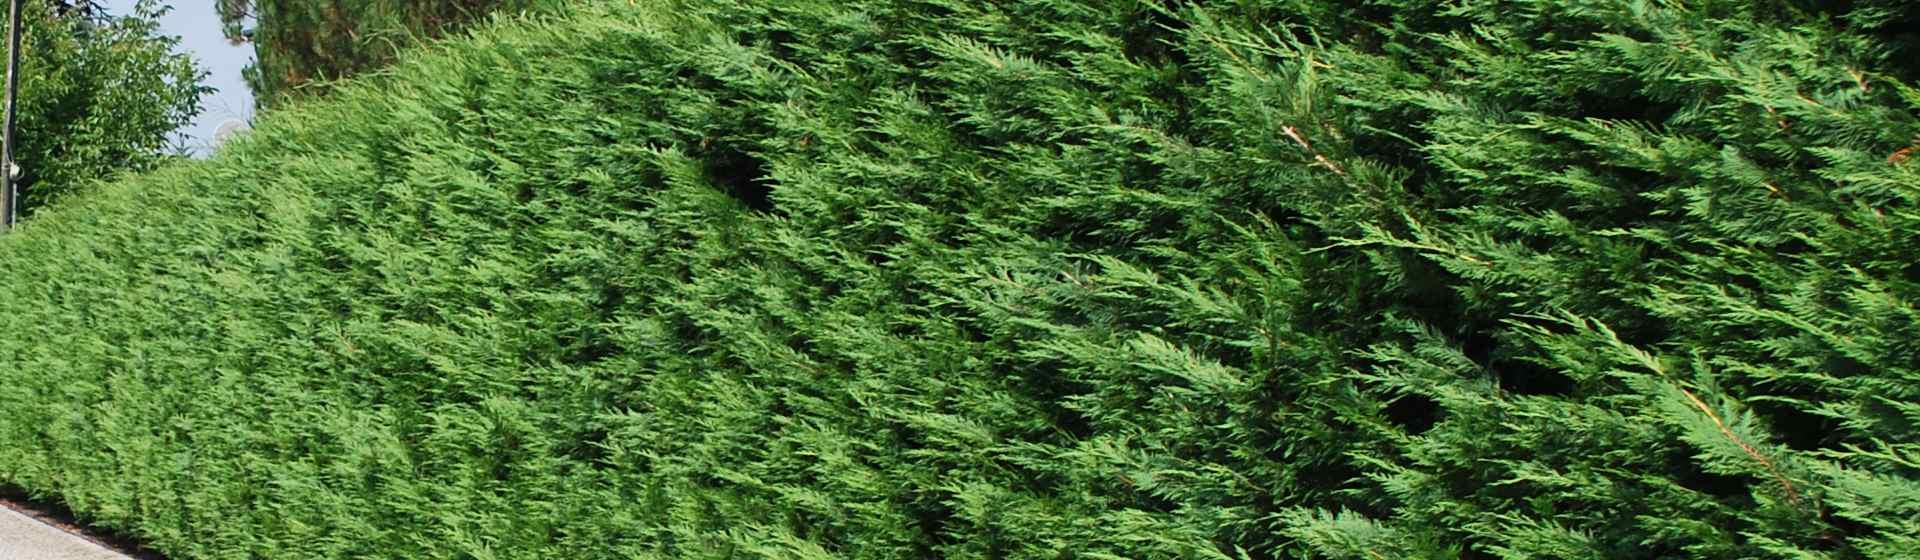 Cupressocyparis leylanndii vendita pianta da siepe leylandii - Piante siepe ...